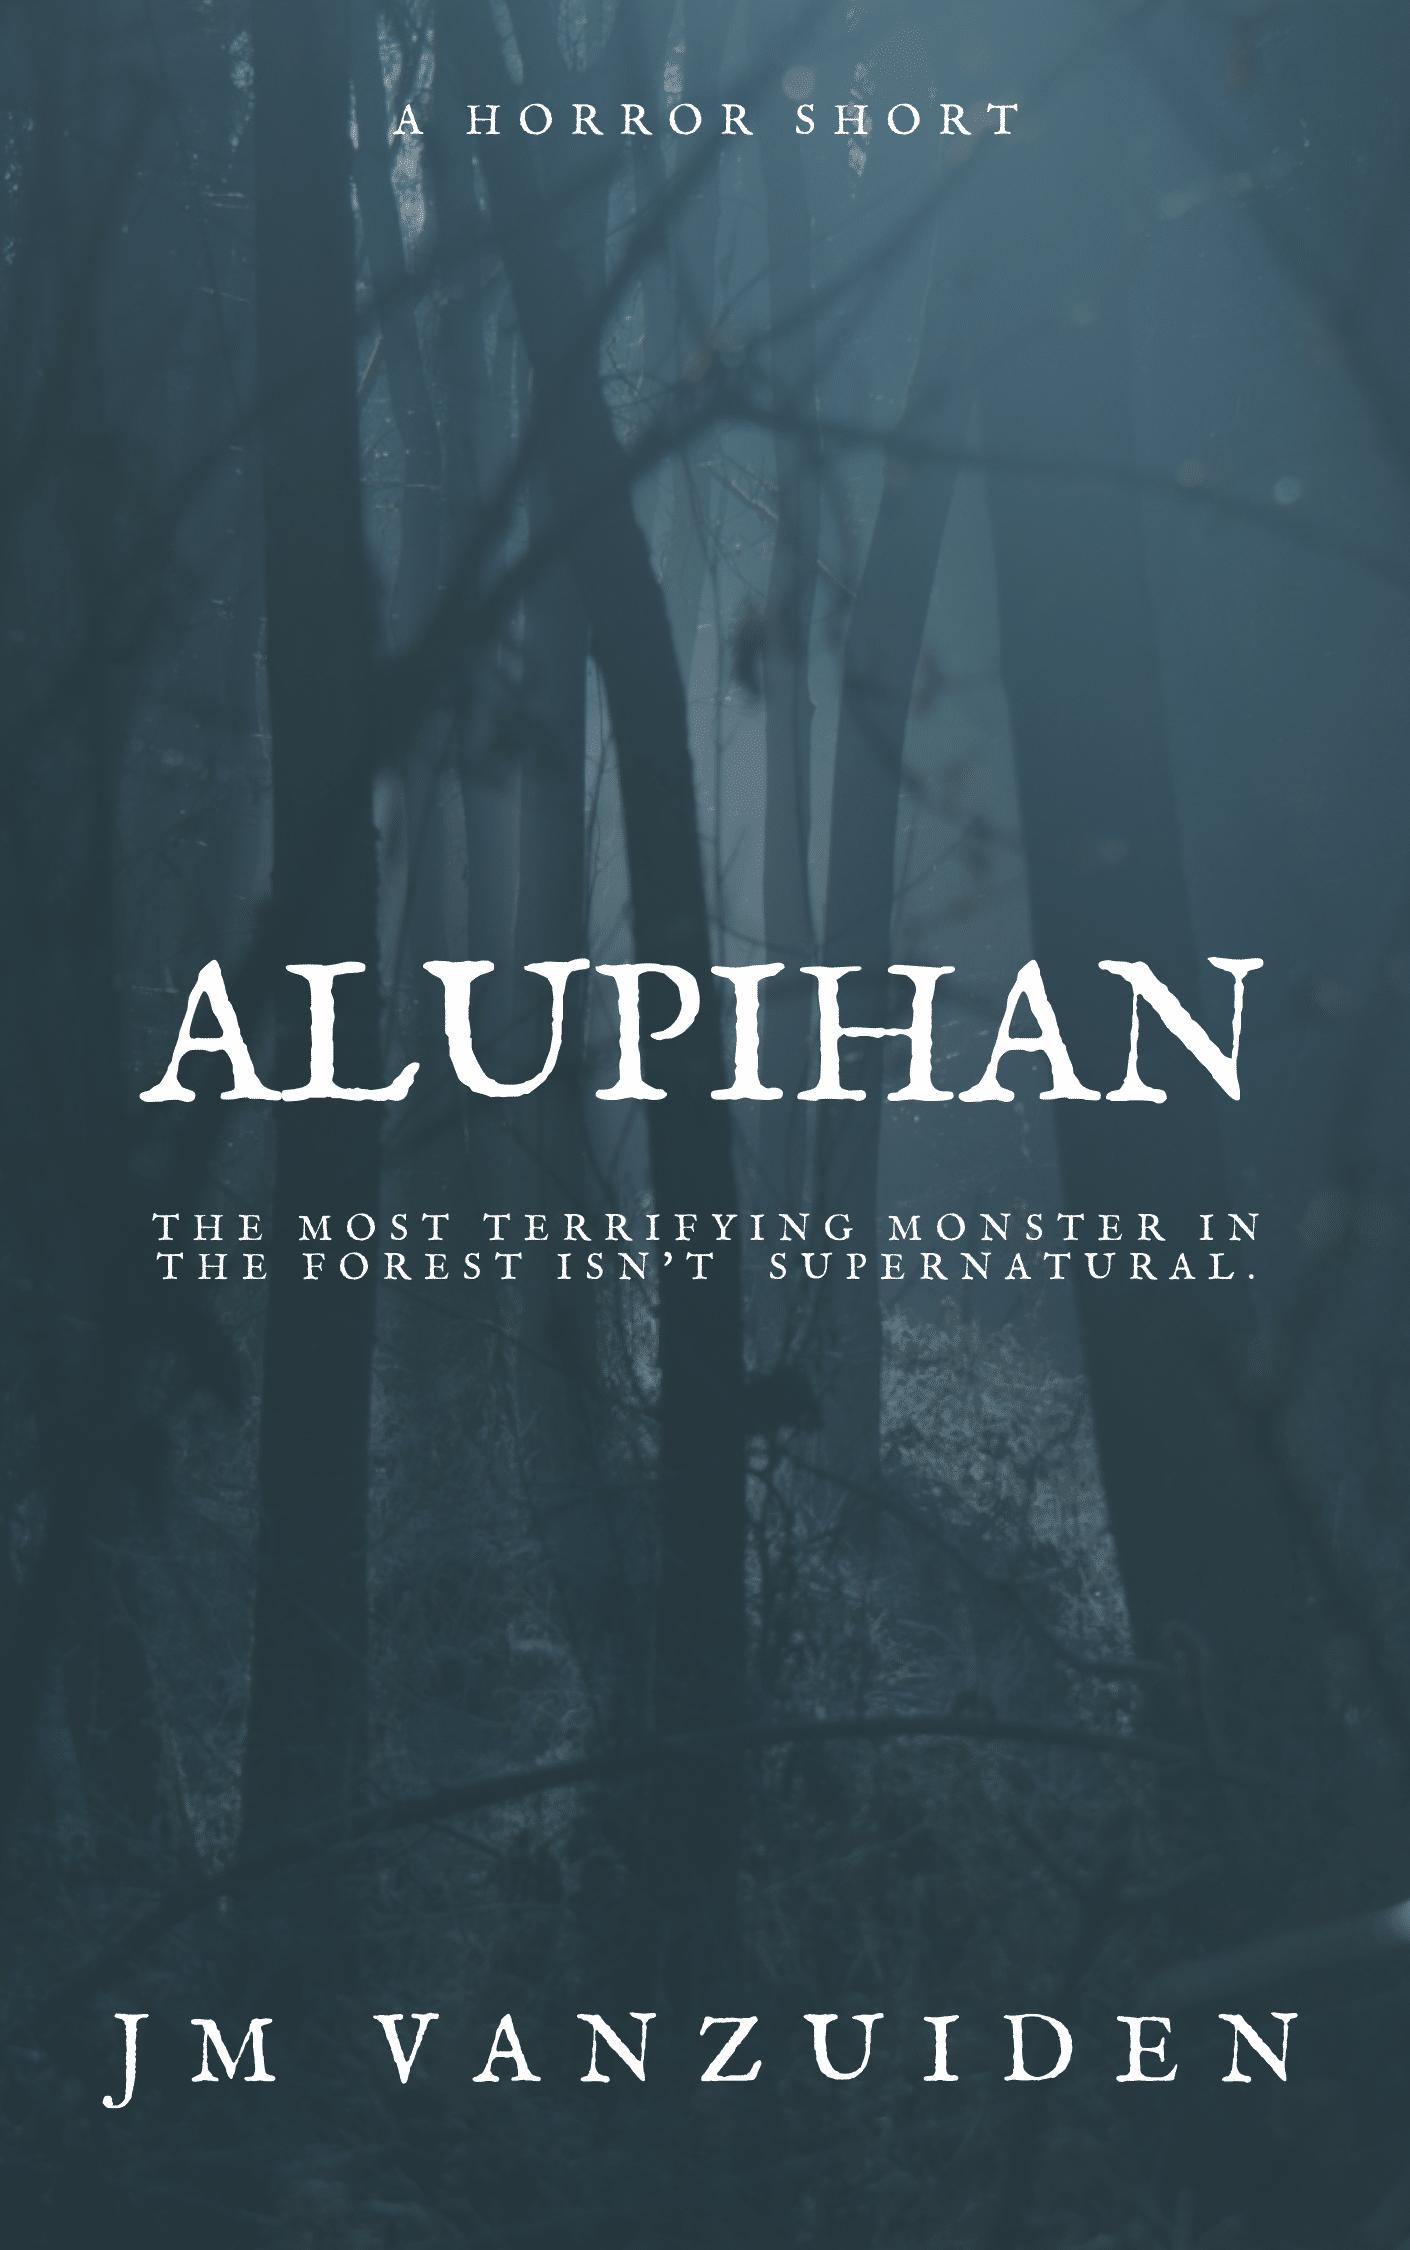 Alupihan